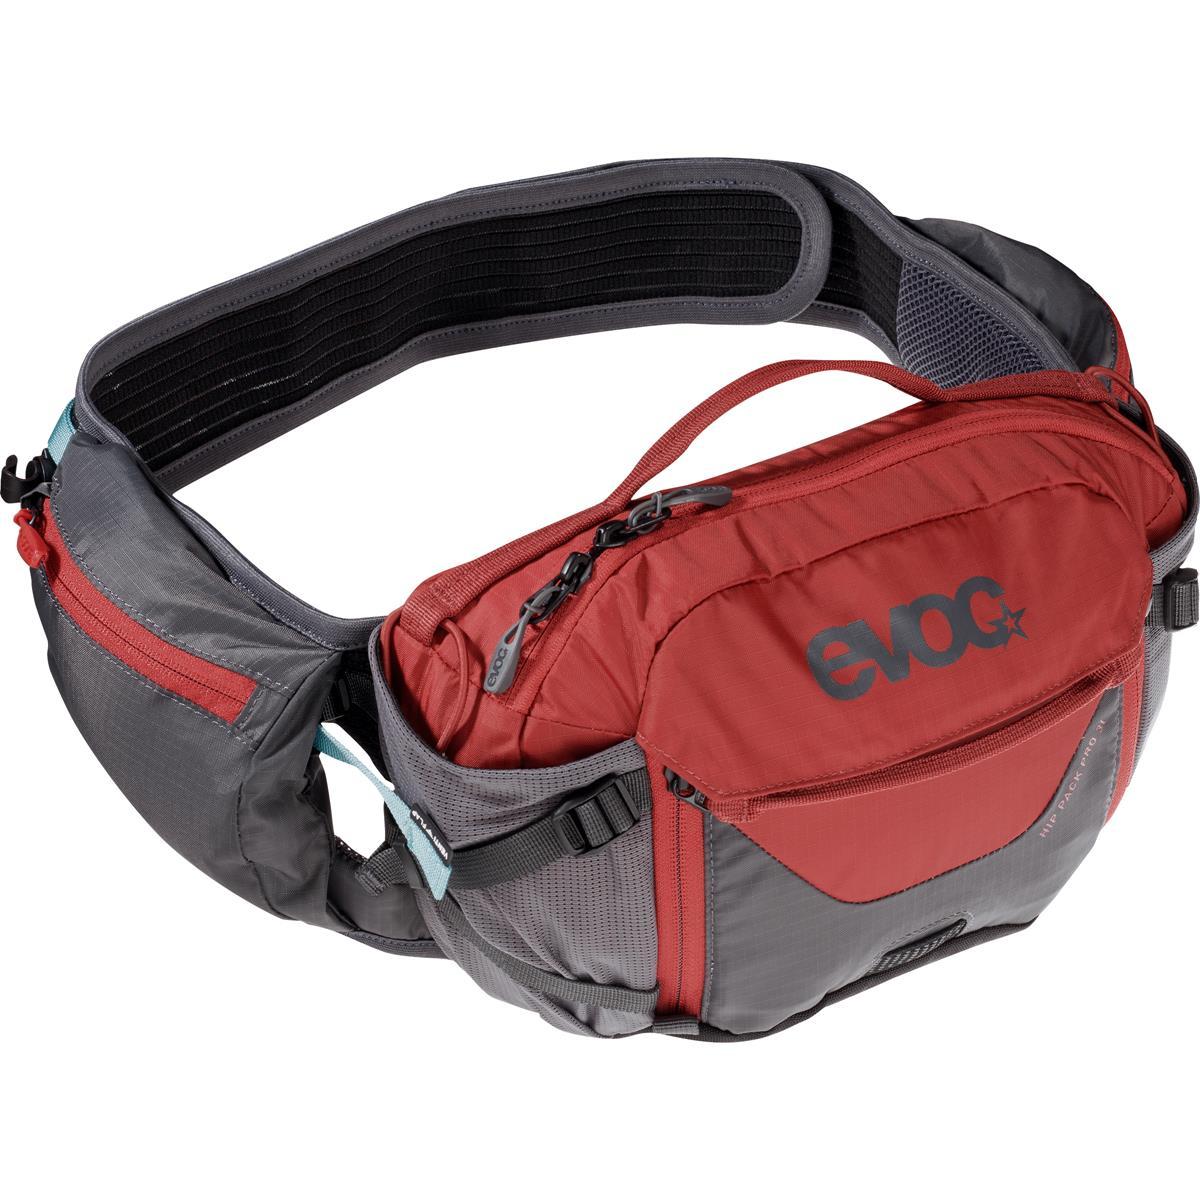 Evoc Hüfttasche mit Trinksystem Hip Pack Pro 3L Carbon Grey/Chili Red